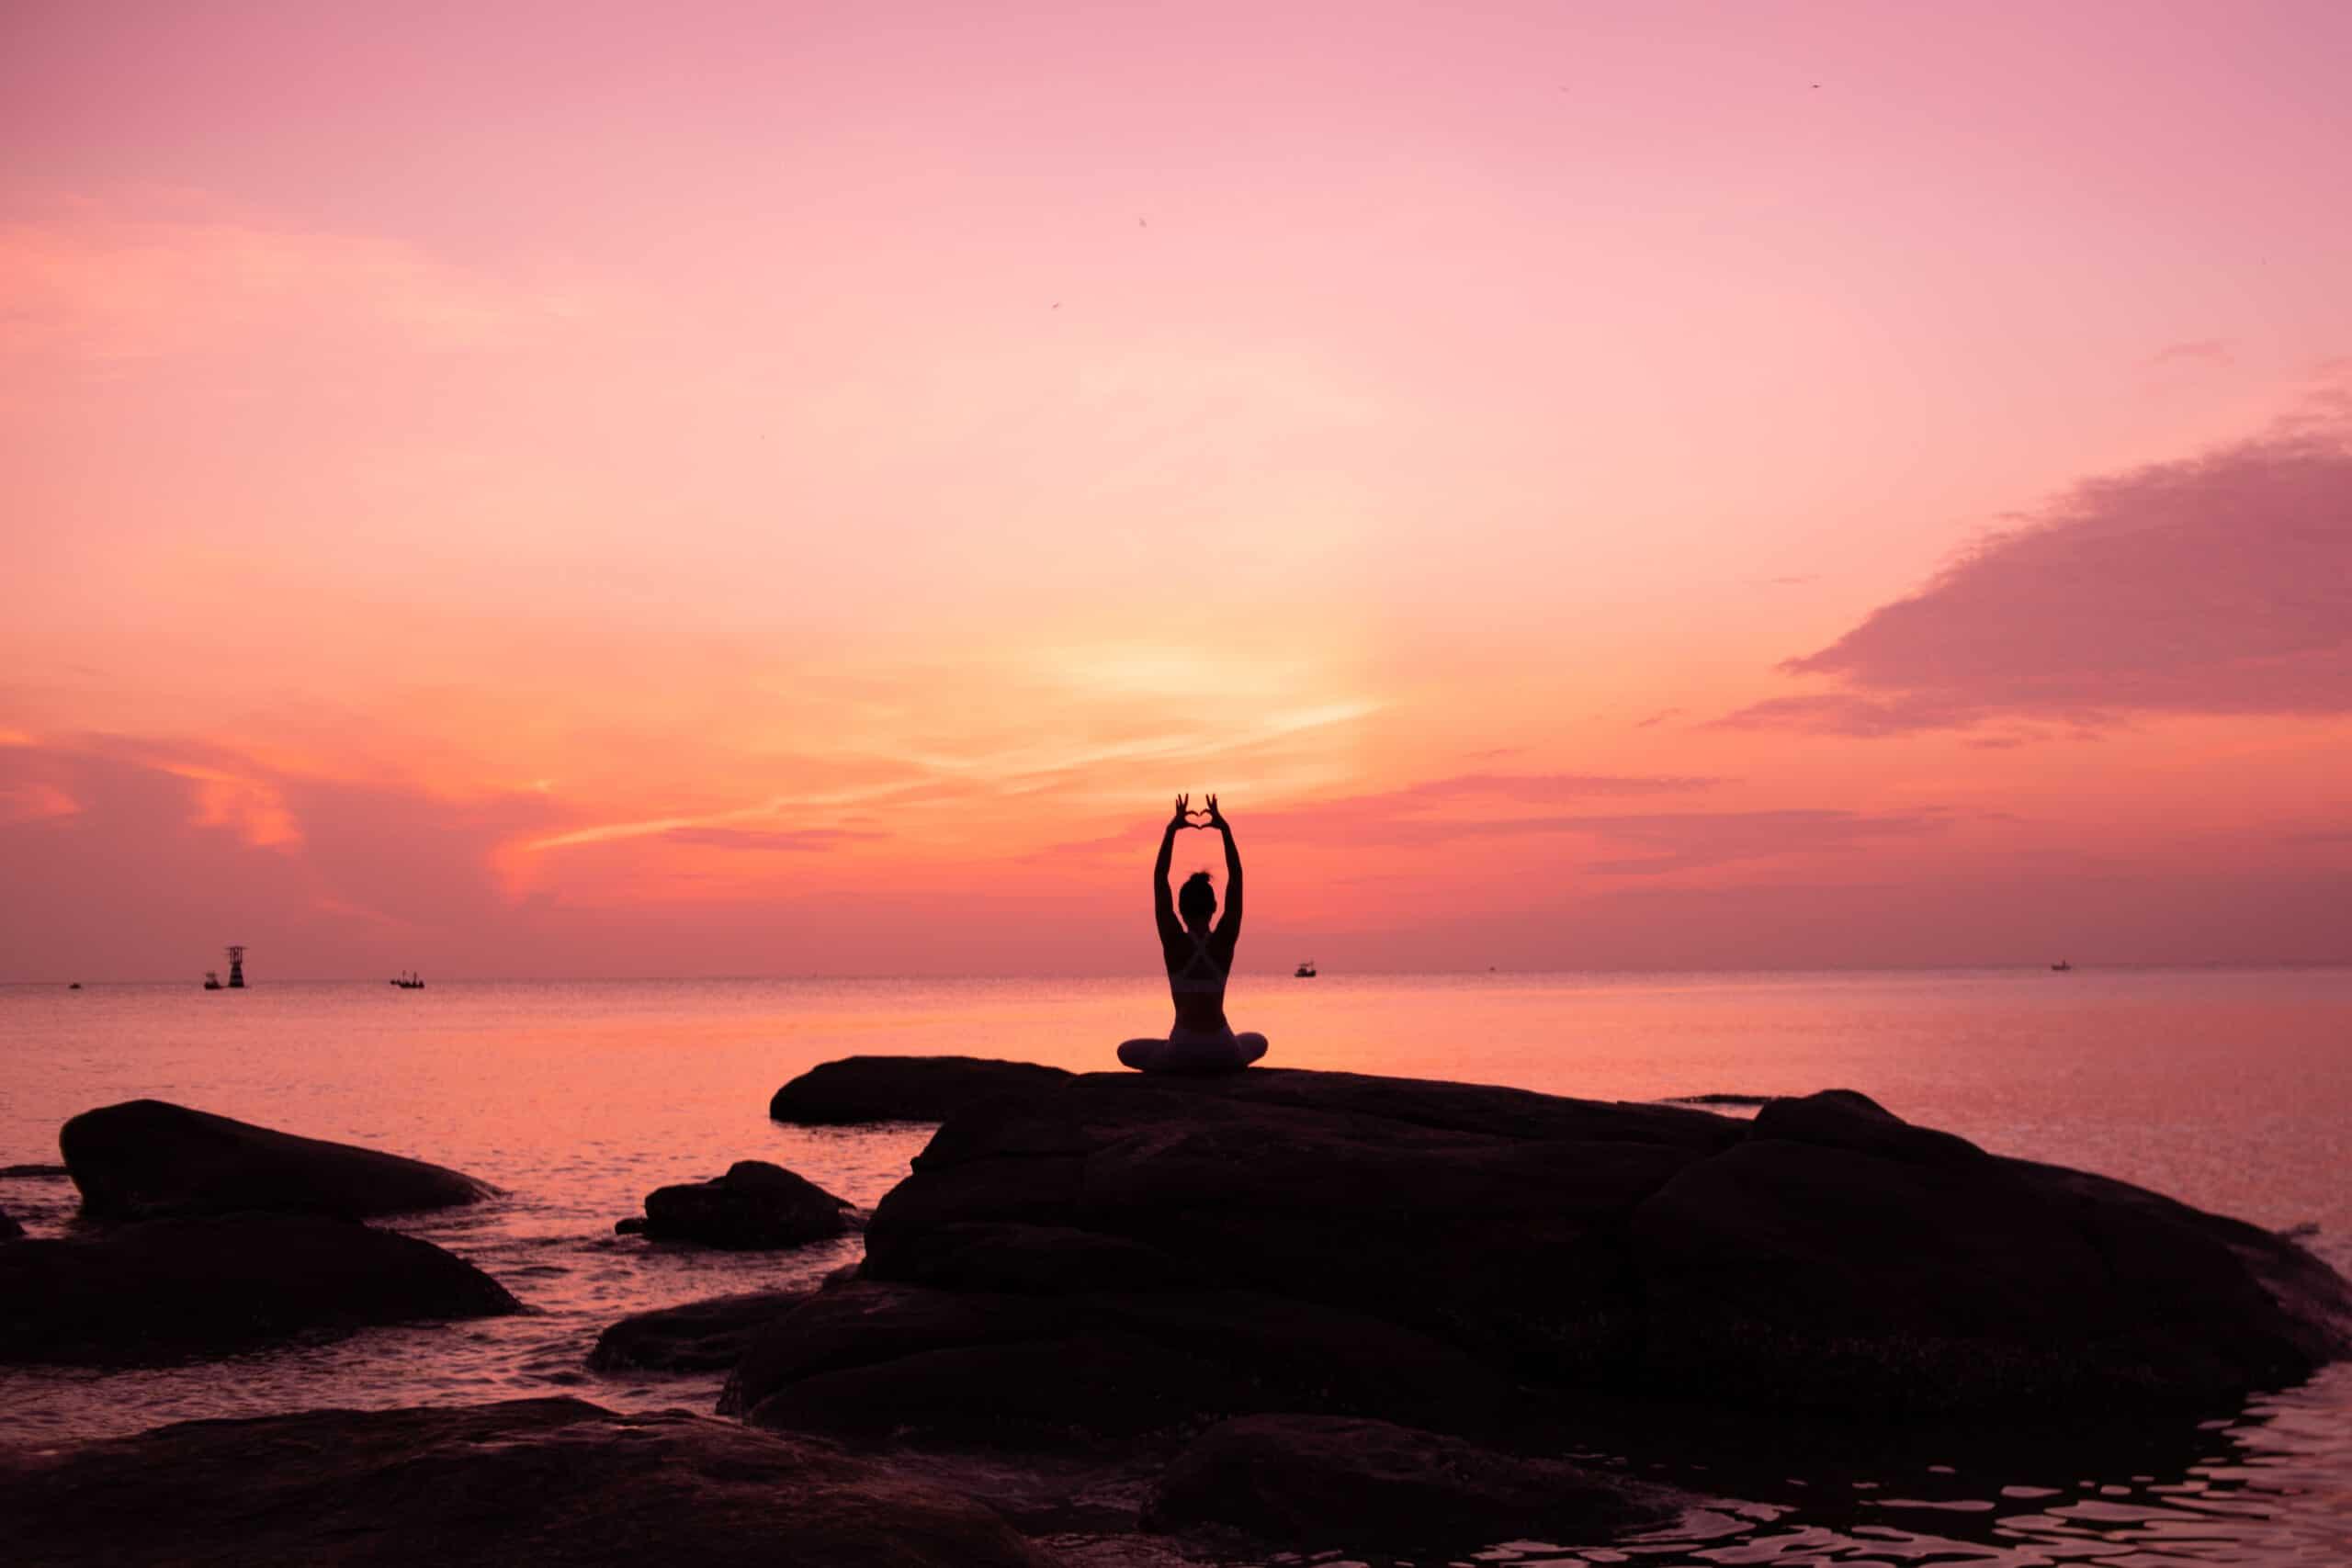 montée de kundalini grâce à la méditation sur un rocher en face de la mer